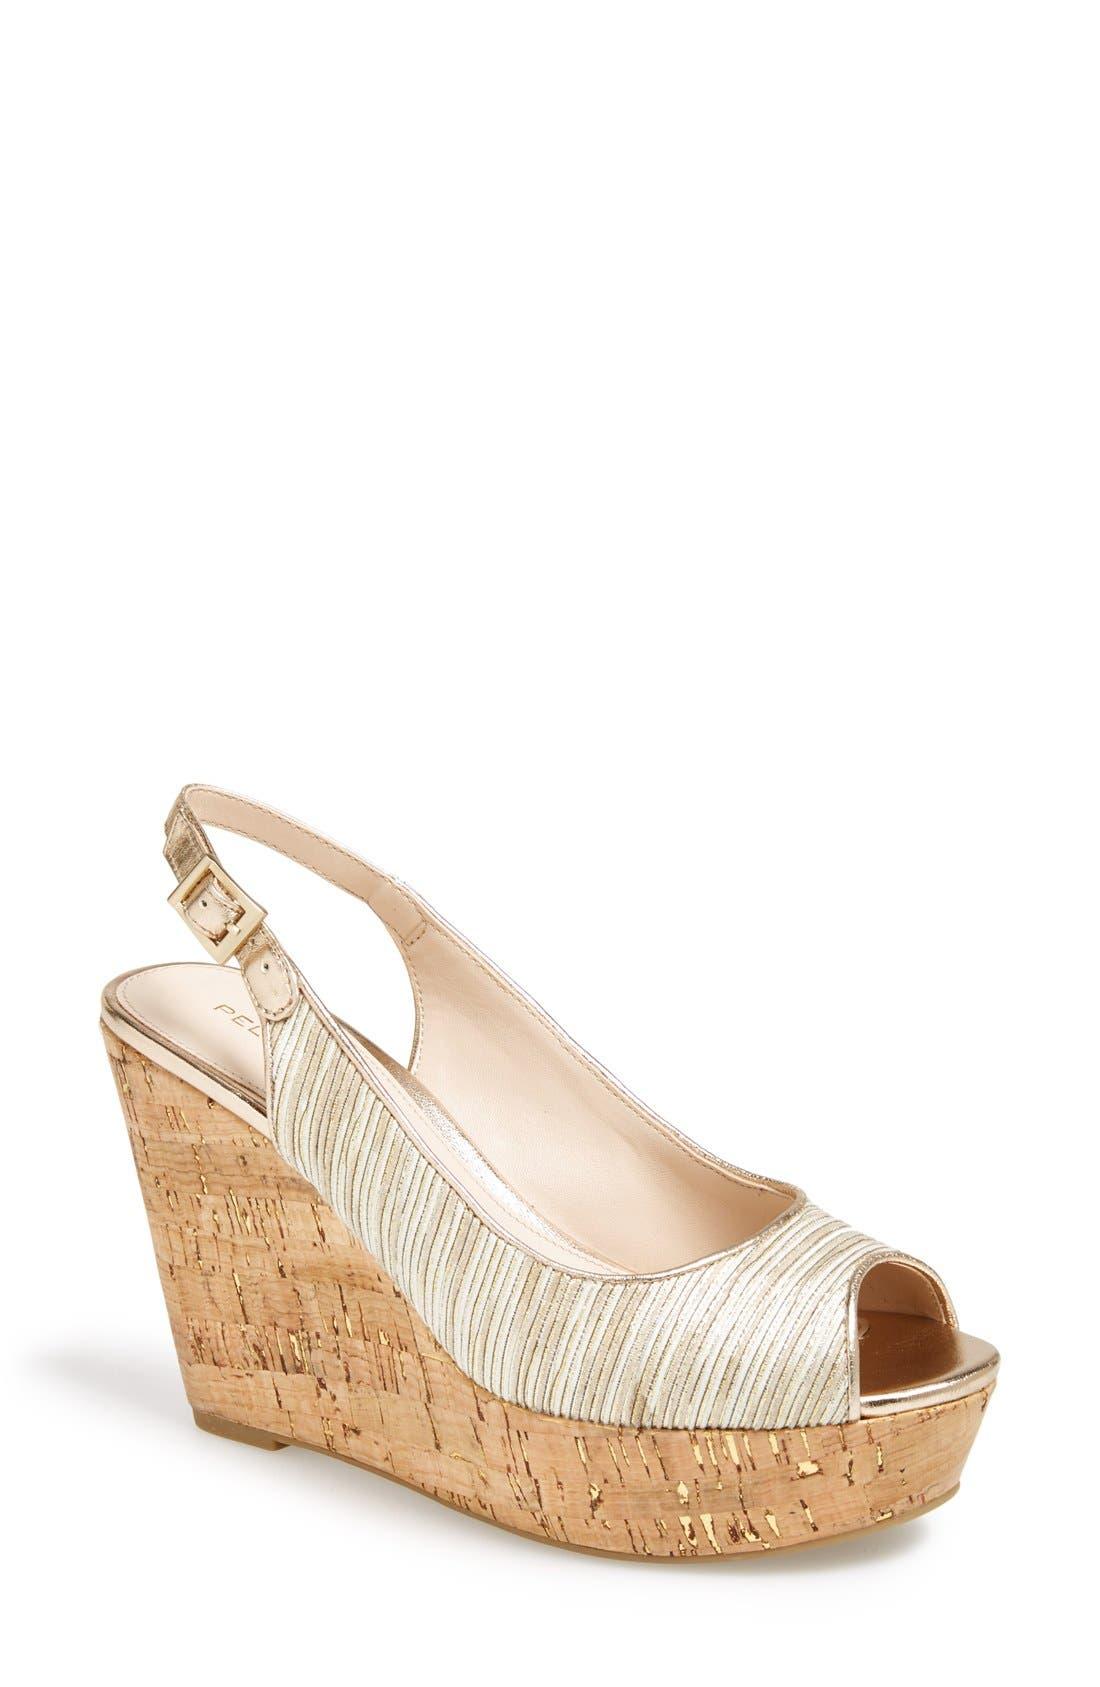 Alternate Image 1 Selected - Pelle Moda 'Colby' Slingback Wedge Sandal (Women)